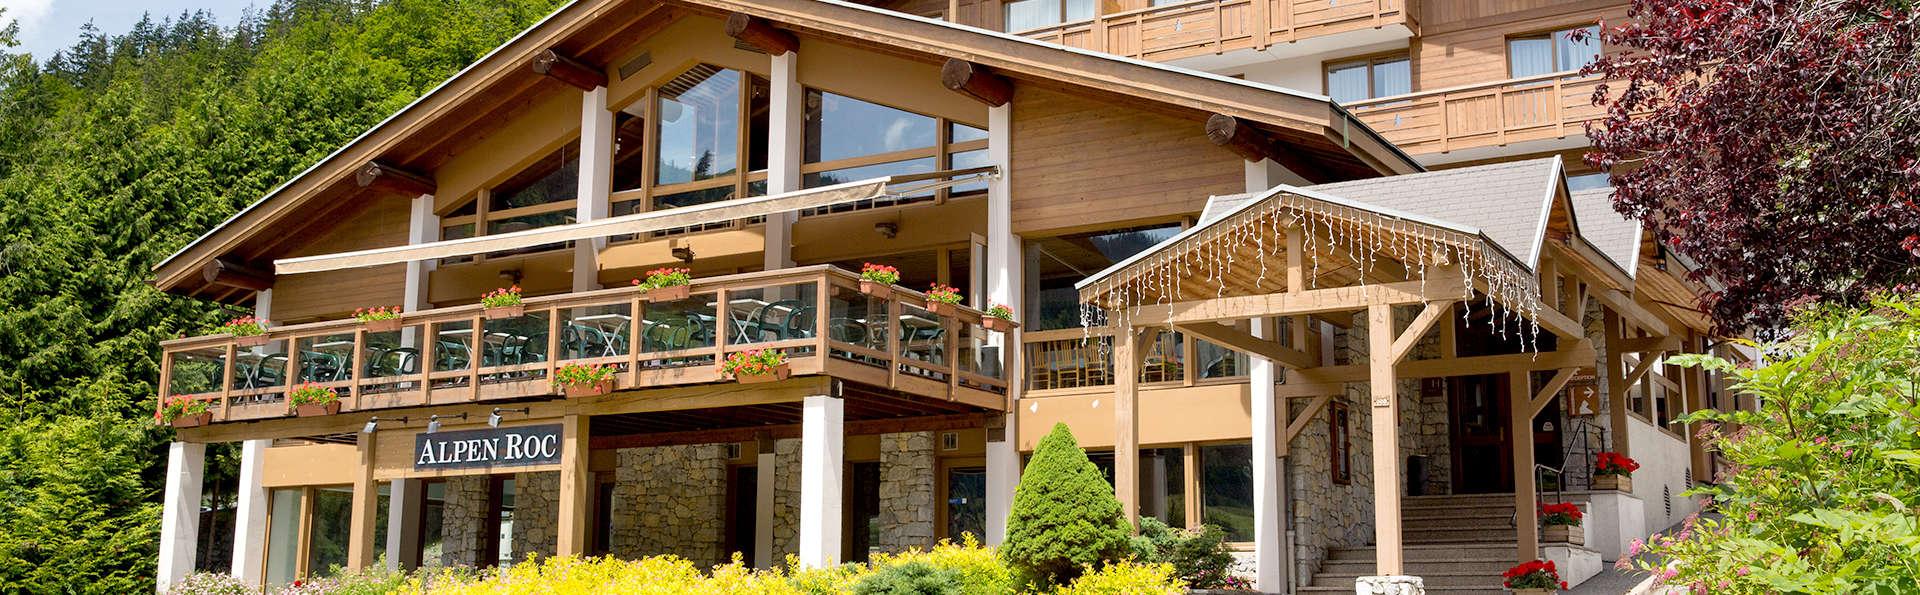 Hôtel Alpen Roc - La Clusaz - Edit_Front3.jpg